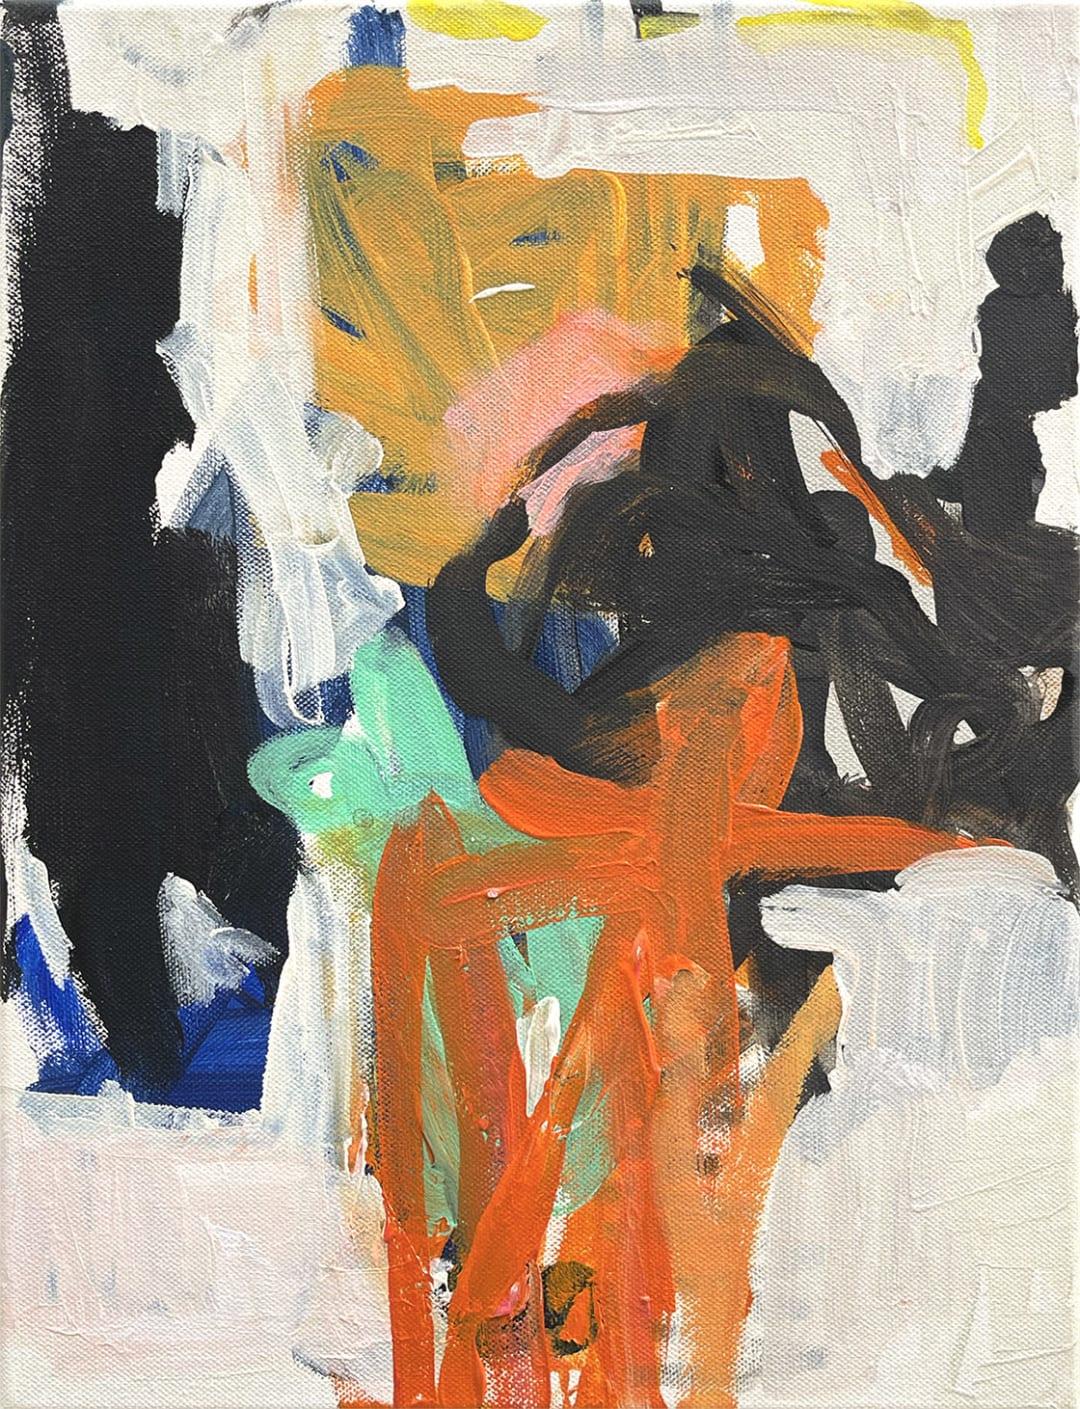 Yvonne Robert- Kleines Geschmiere 2, 15.5 x 11.5 inches, 2021